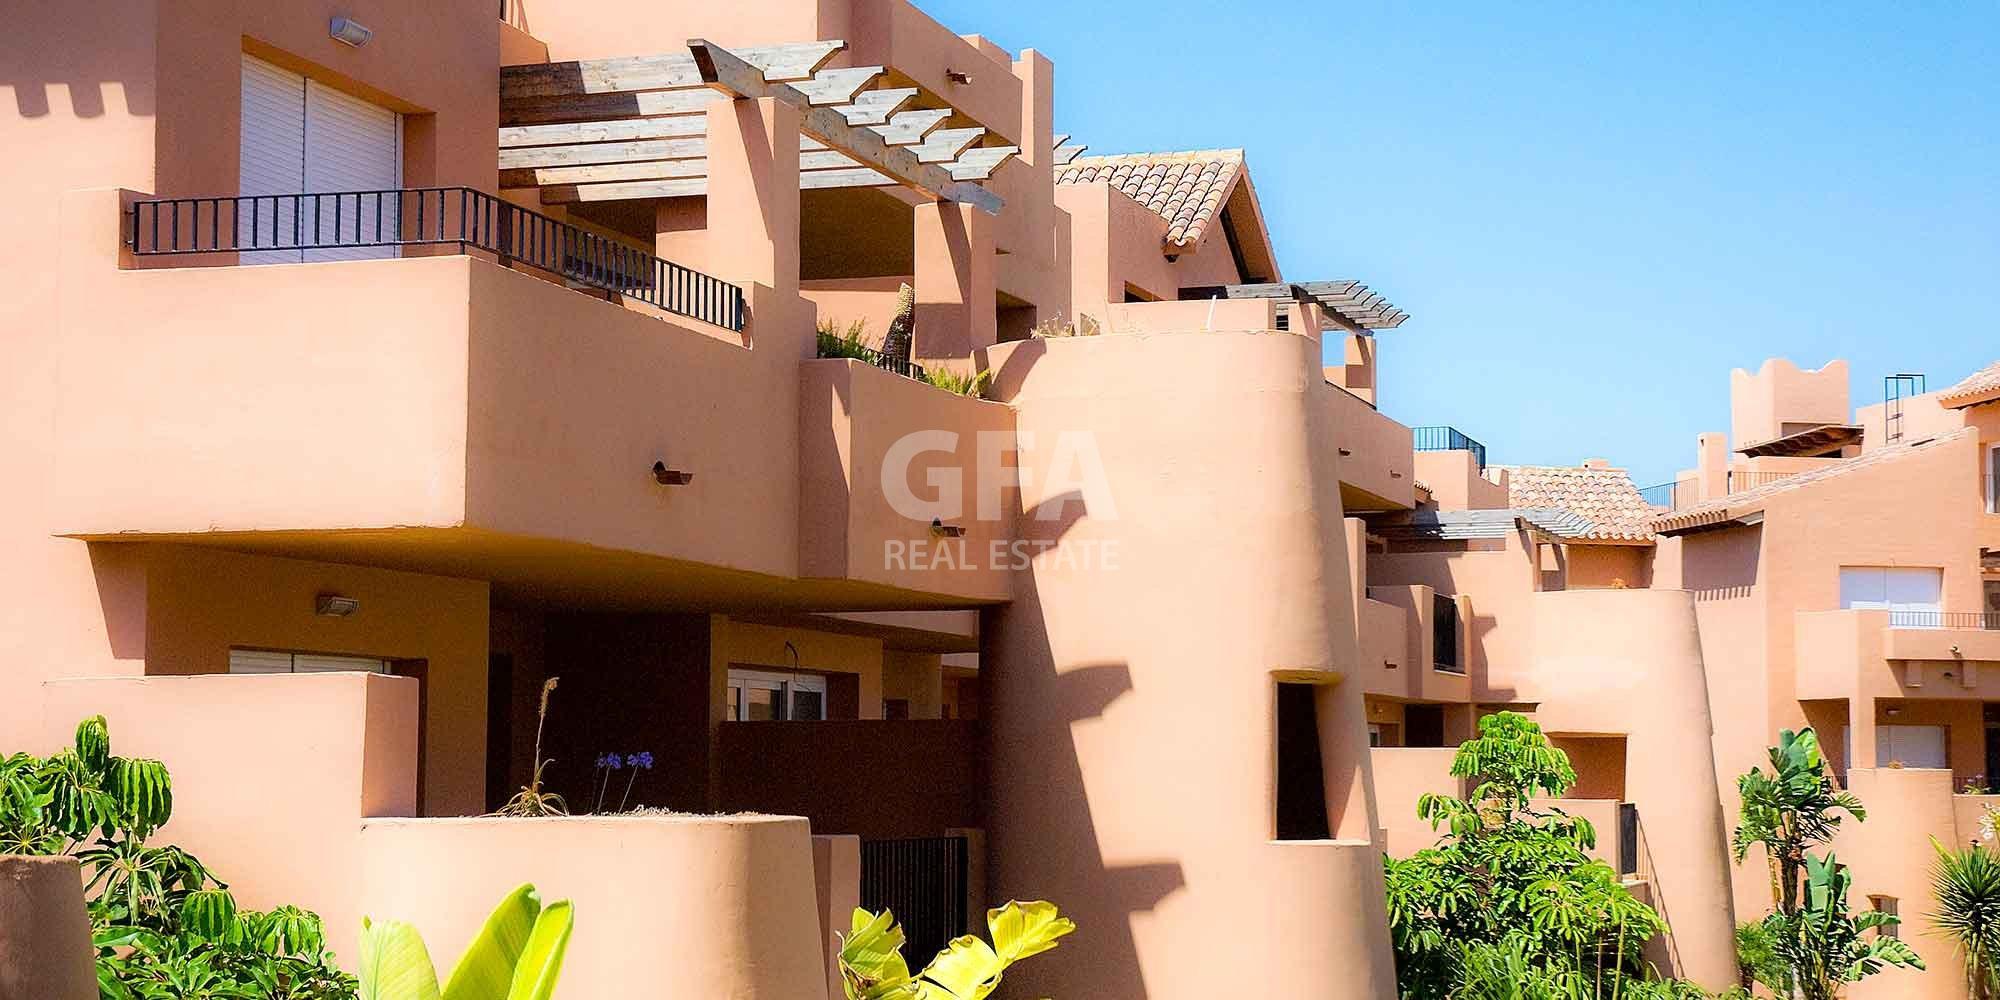 Residencial obra nueva Mar Menor Golf Resort fachada